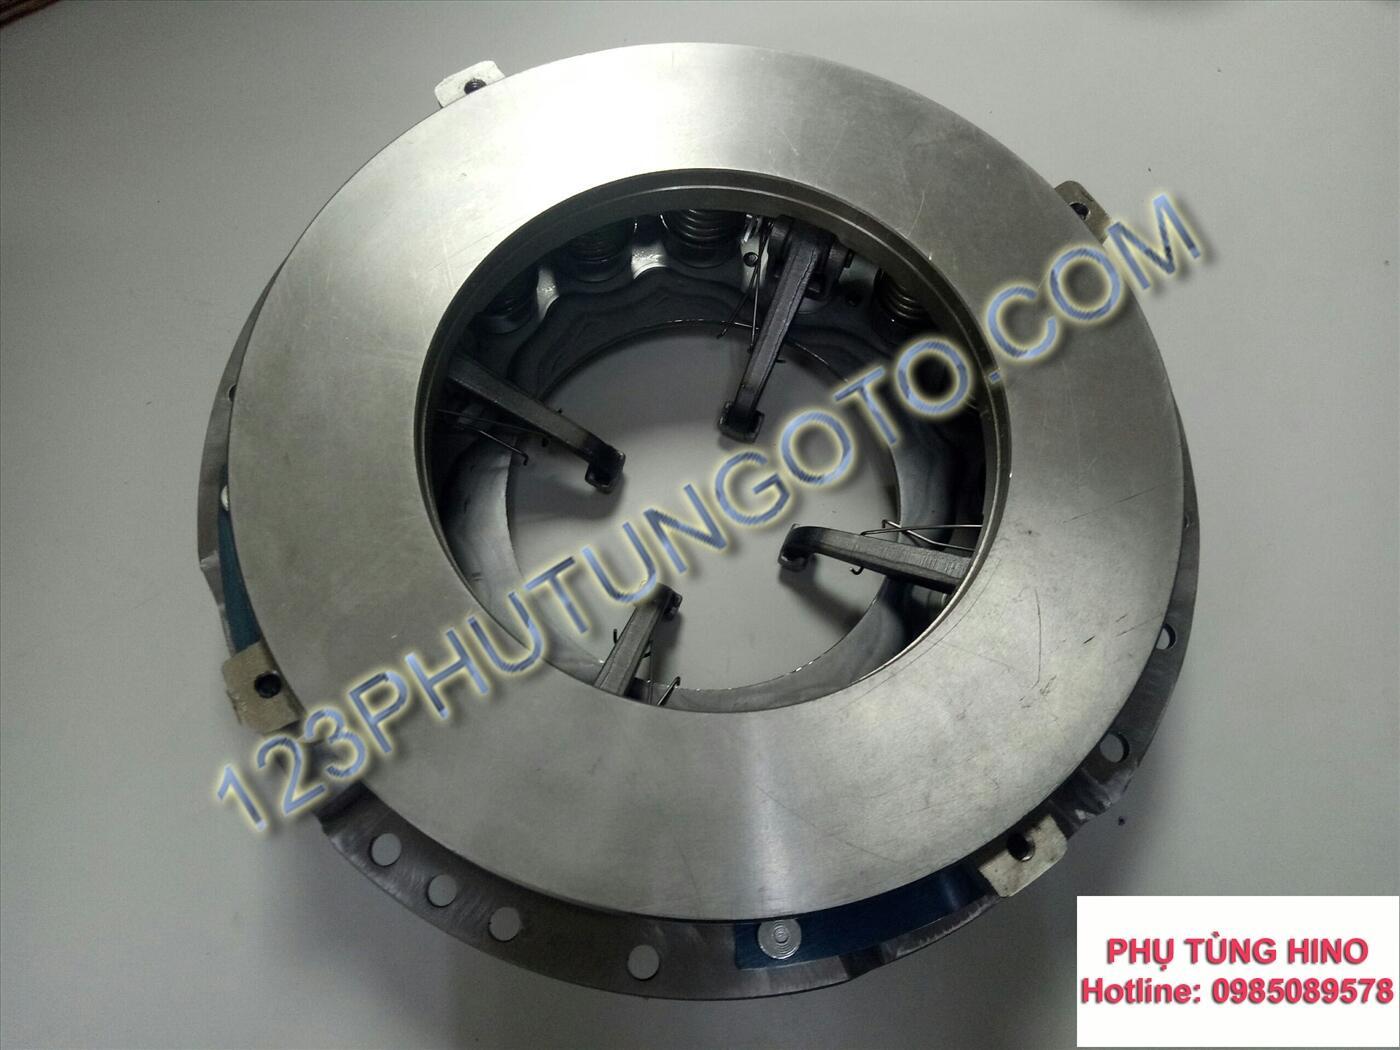 BÀN ÉP XE HINO 500 FG BẢN 350